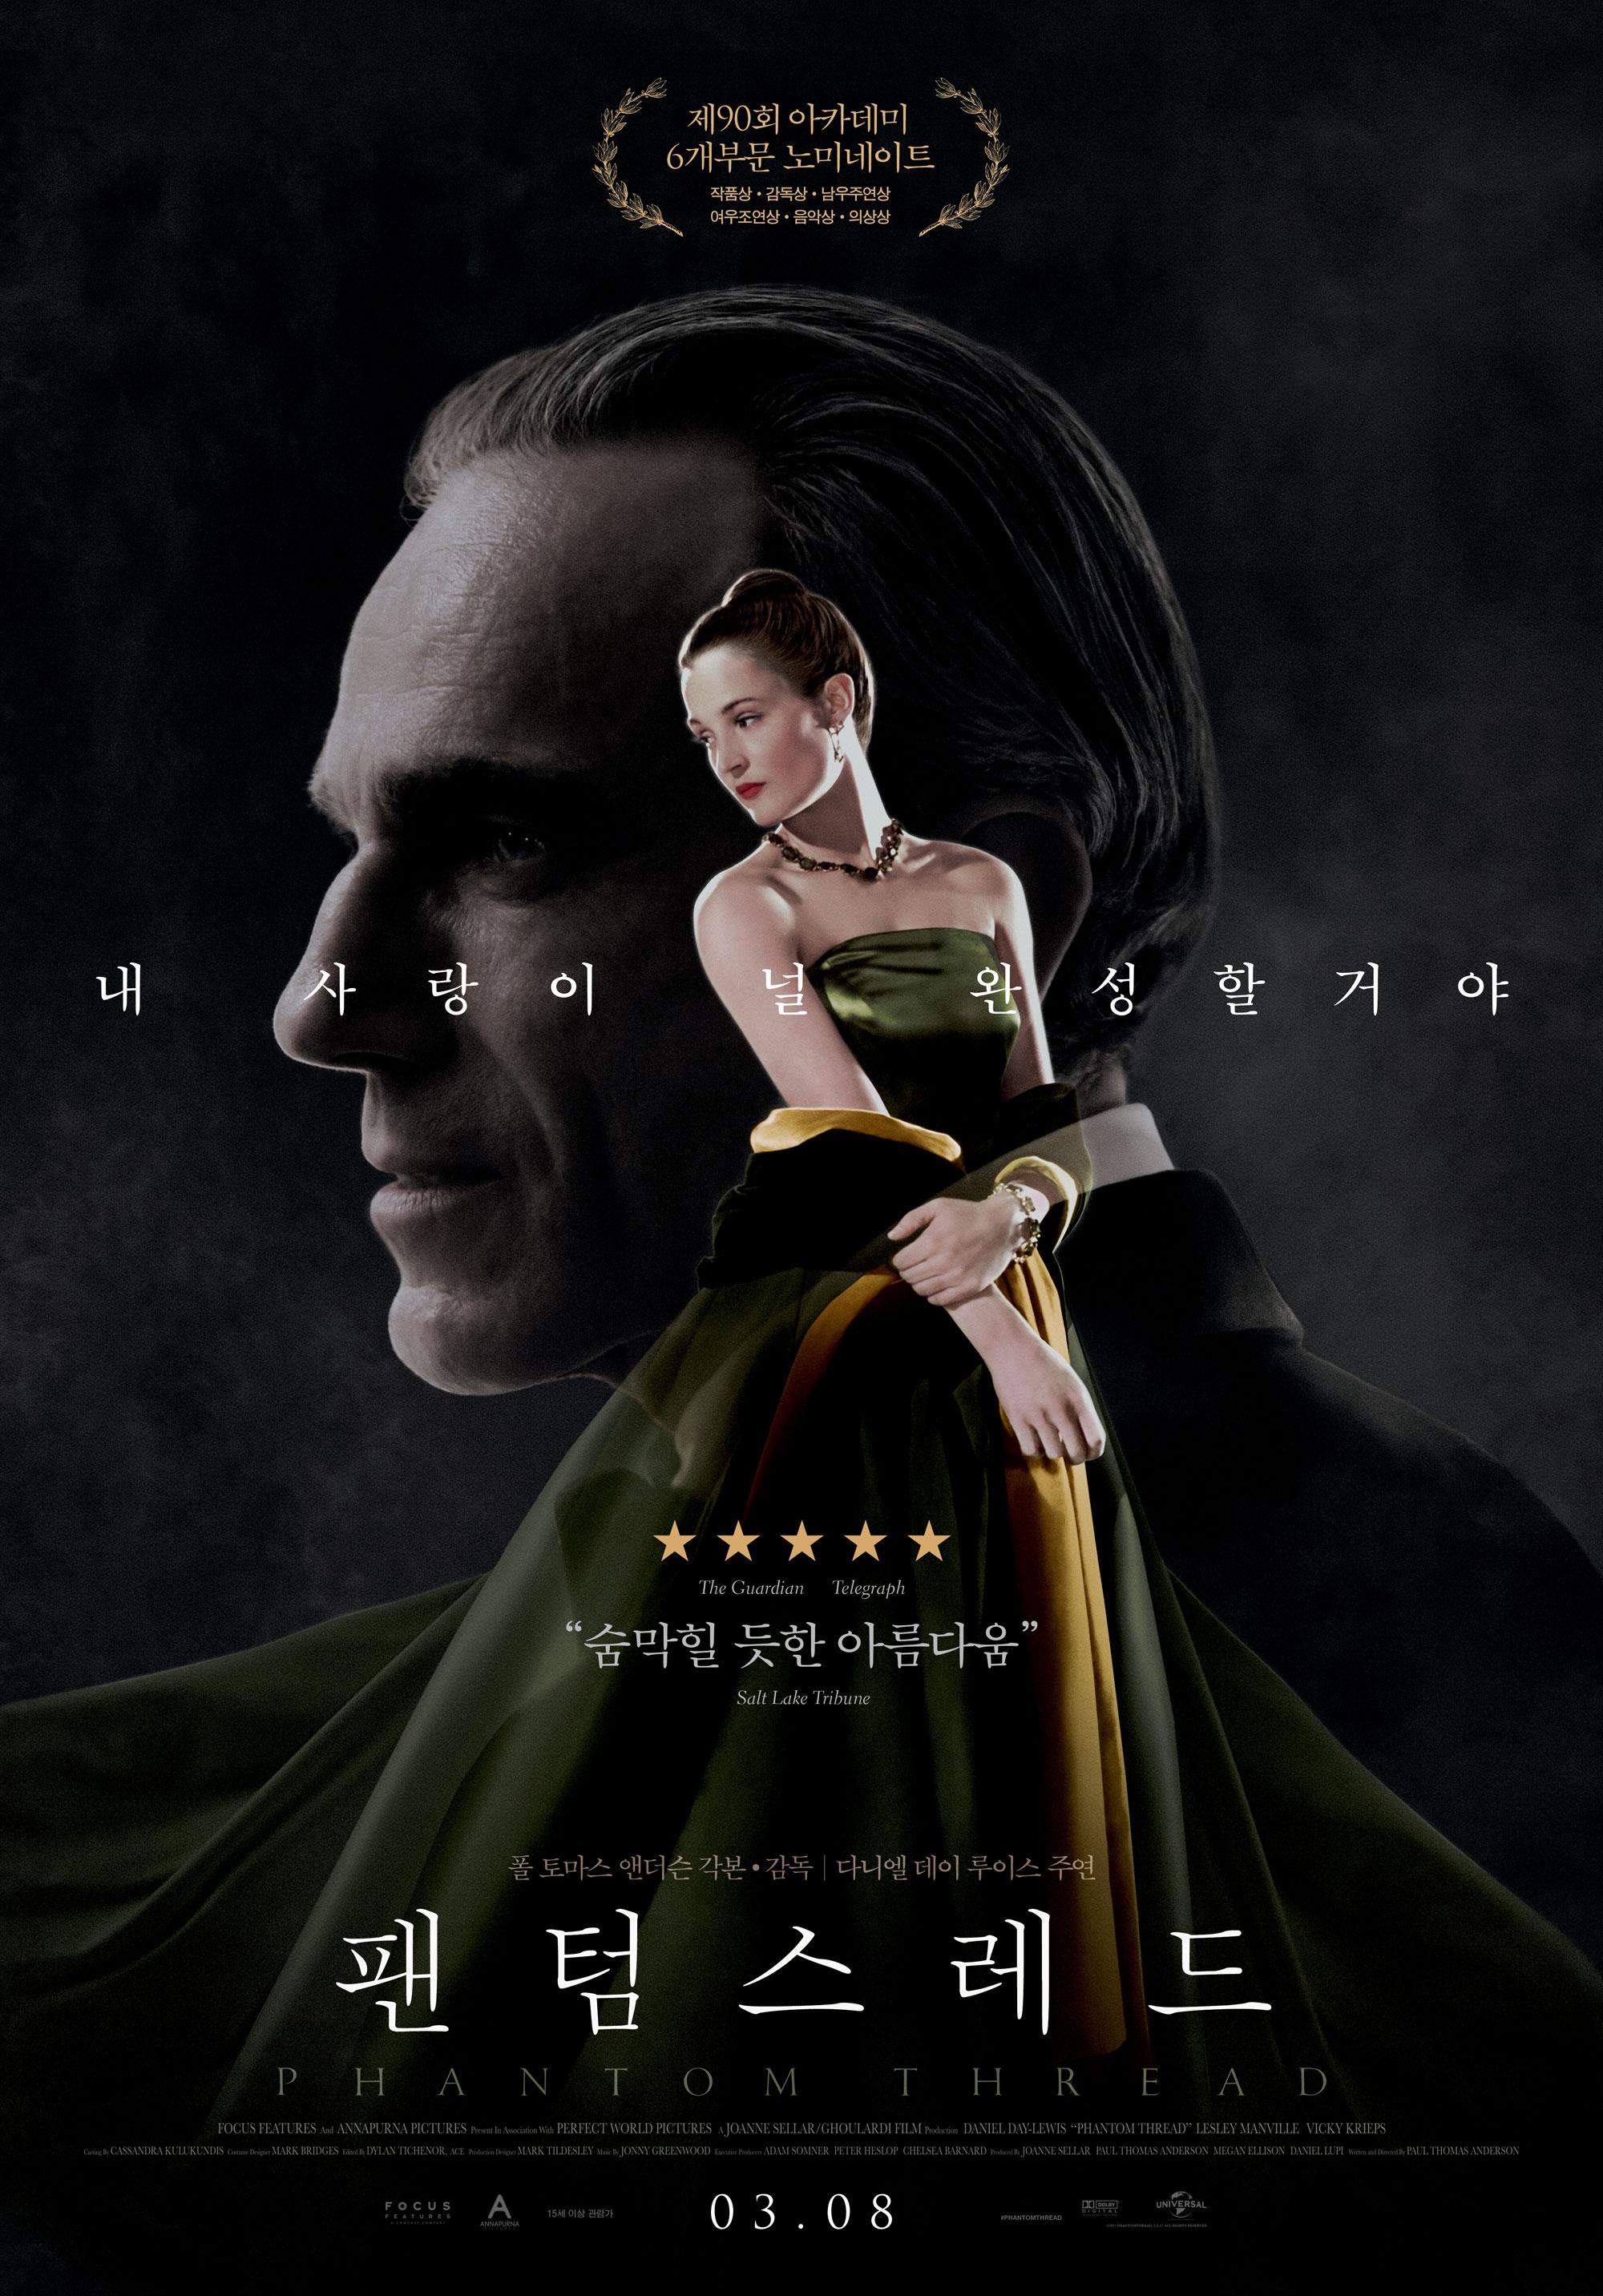 팬텀 스레드 포스터